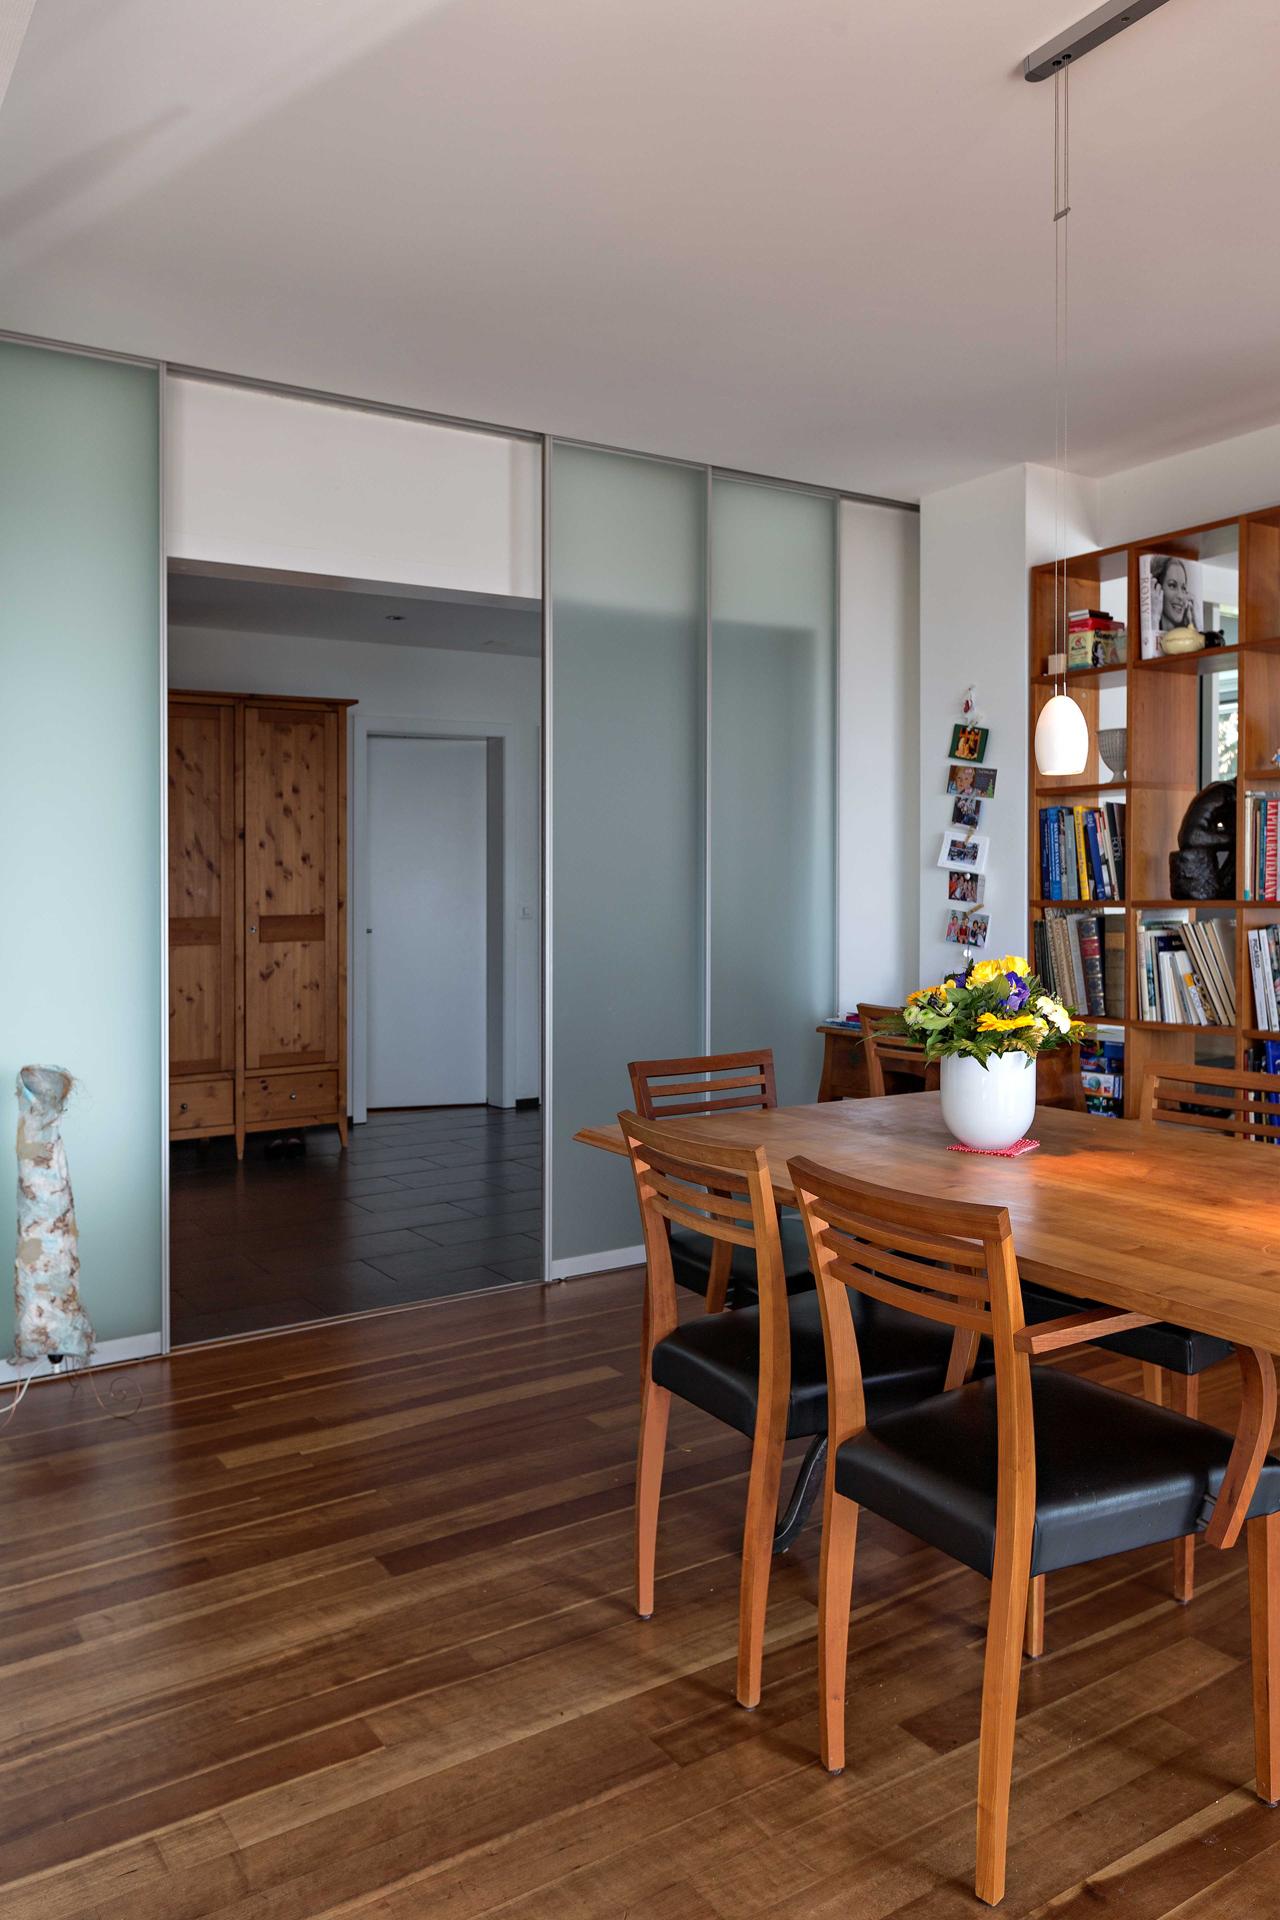 Raumteiler aus vier schiebet ren in glas zwischen flur und wohnbereich auf zu - Glastrennwand wohnbereich ...